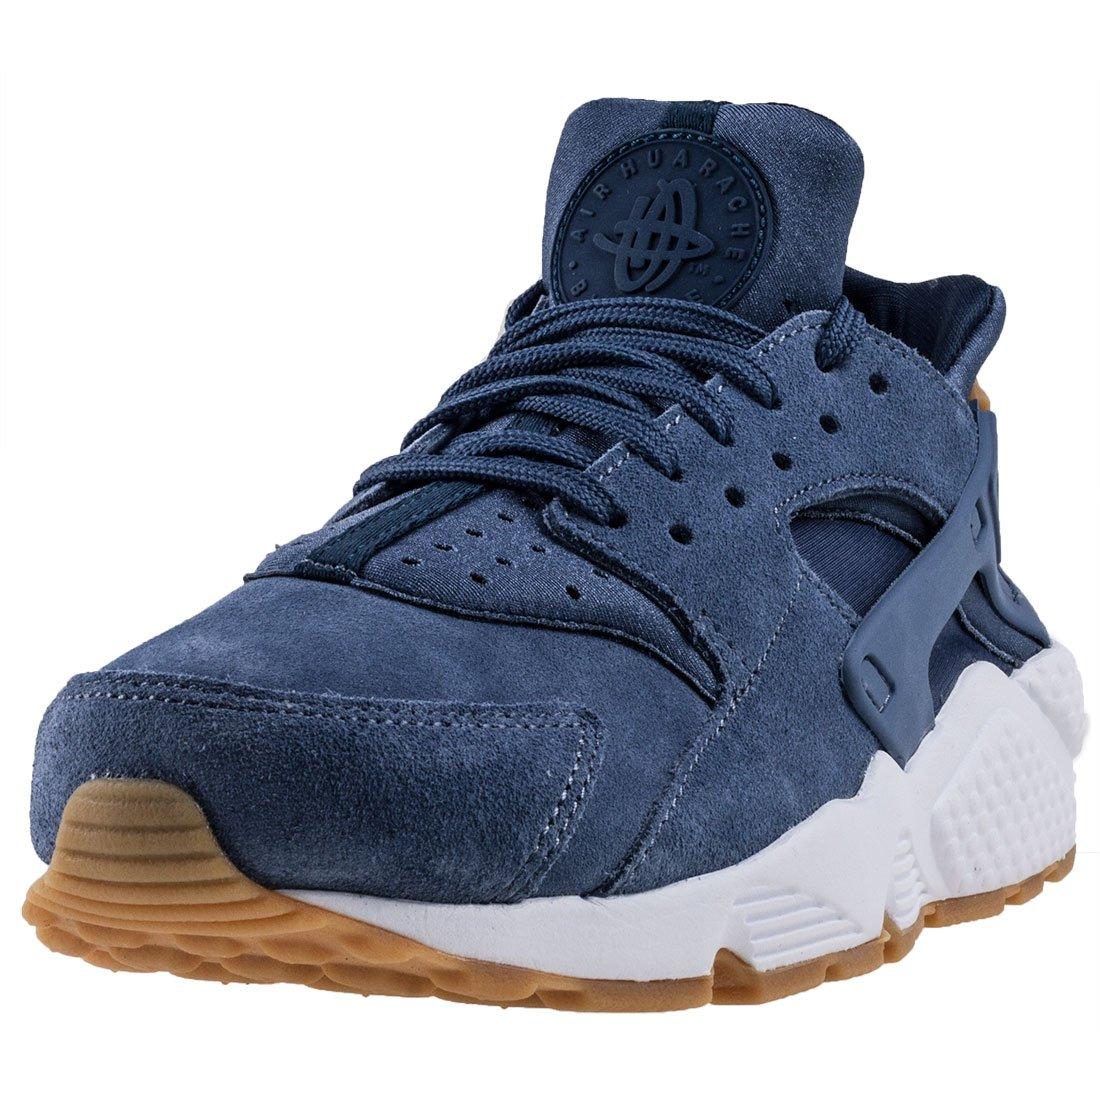 288176d8870 Nike Air Huarache Run Suede Womens Shoes Diffused Blue aa0524-400 (9.5 B(M)  US)